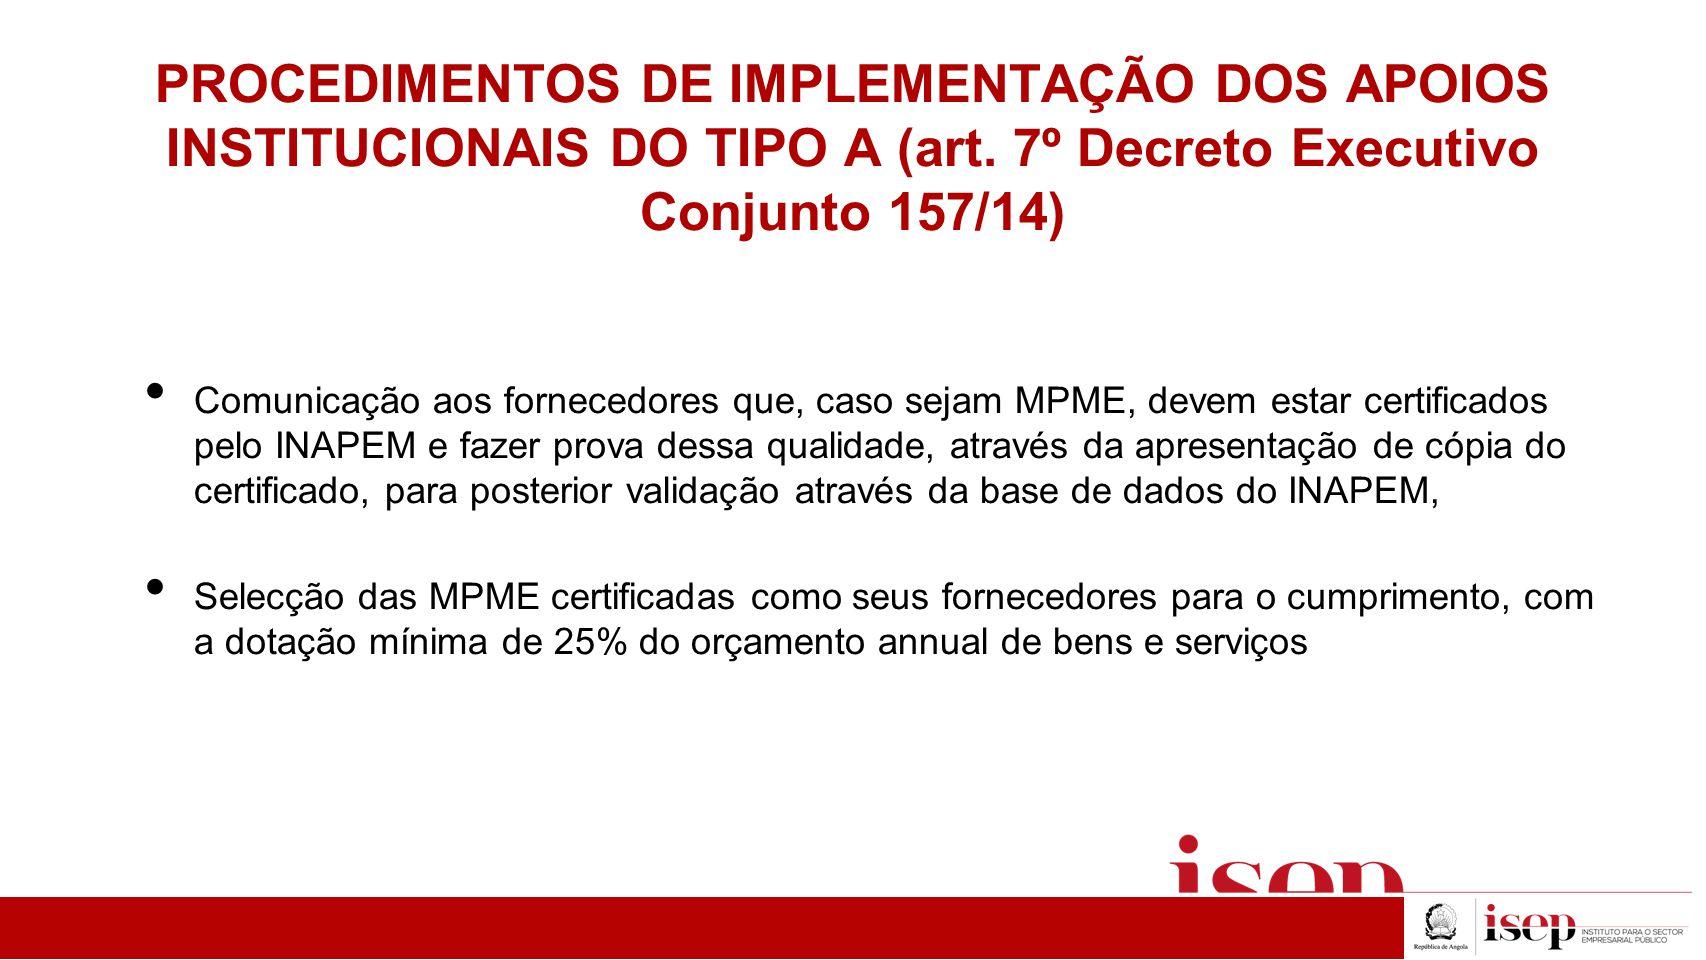 PROCEDIMENTOS DE IMPLEMENTAÇÃO DOS APOIOS INSTITUCIONAIS DO TIPO A (art.